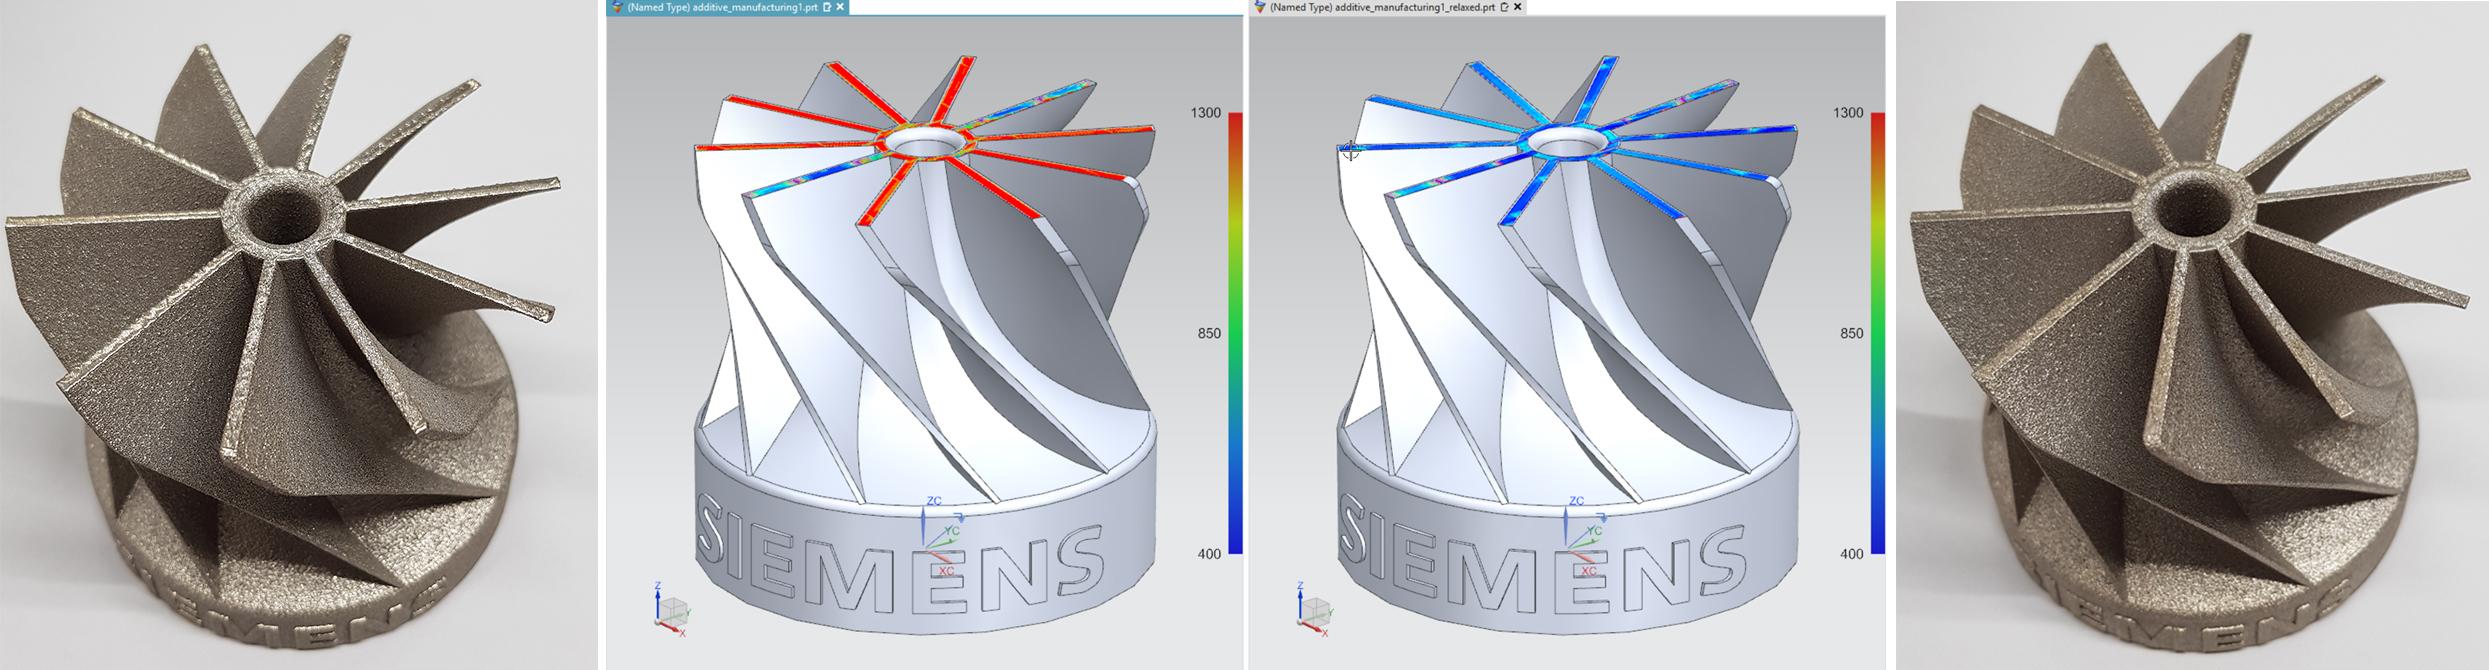 Überhitzung kann beim Prozess der additiven Fertigung zu Qualitätsmängeln führen. (Bild: Siemens AG)